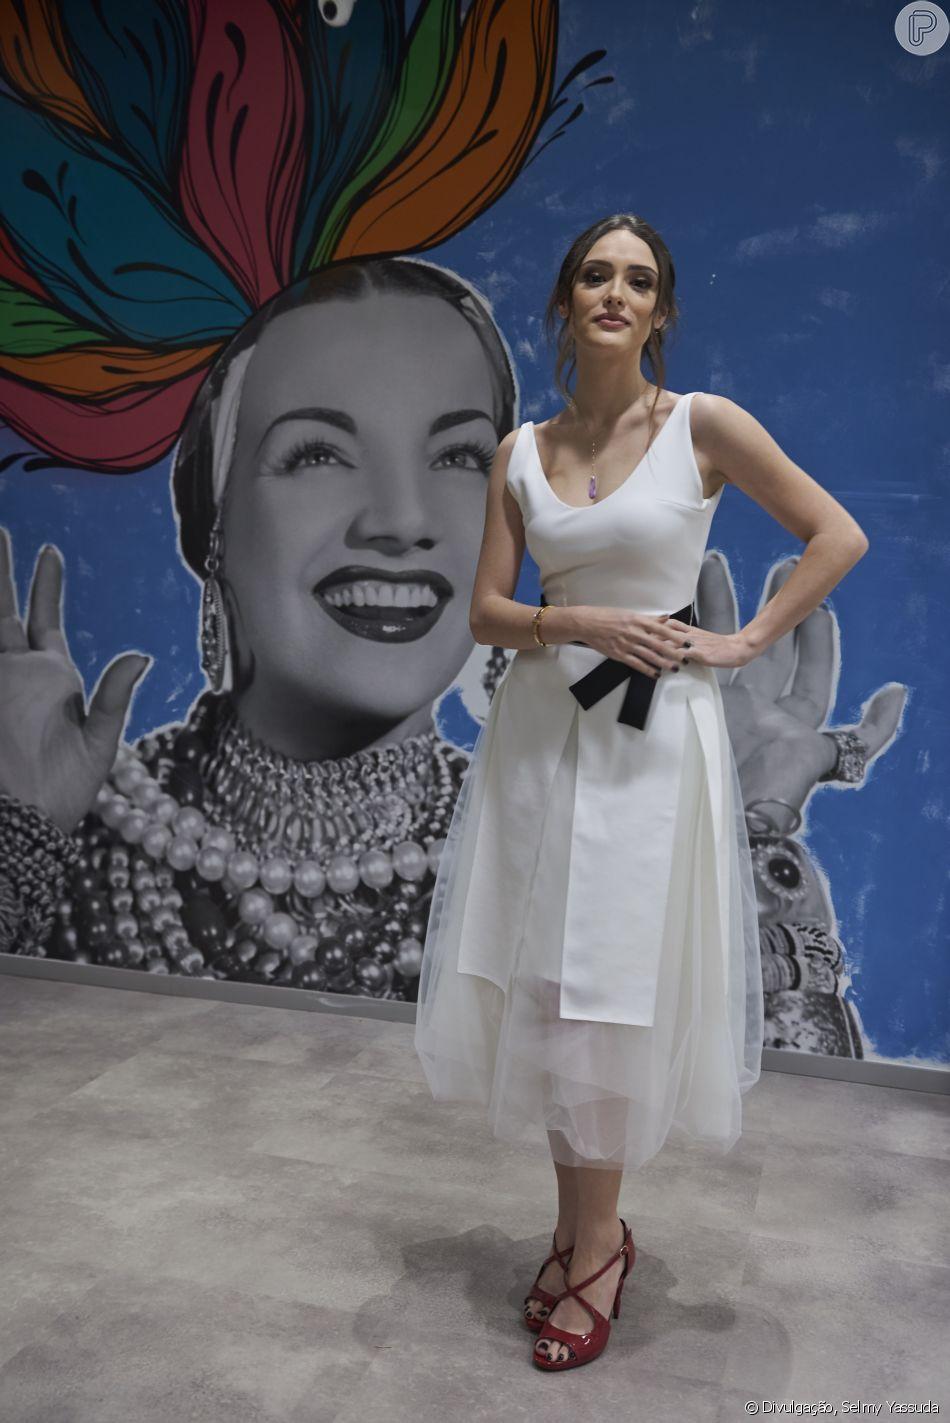 Isabelle Drummond elegeu um look leve e delicado para participar da inauguração do coworking SPACES Cinelândia, no Centro do Rio de Janeiro, na noite desta quinta-feira, 28 de junho de 2018